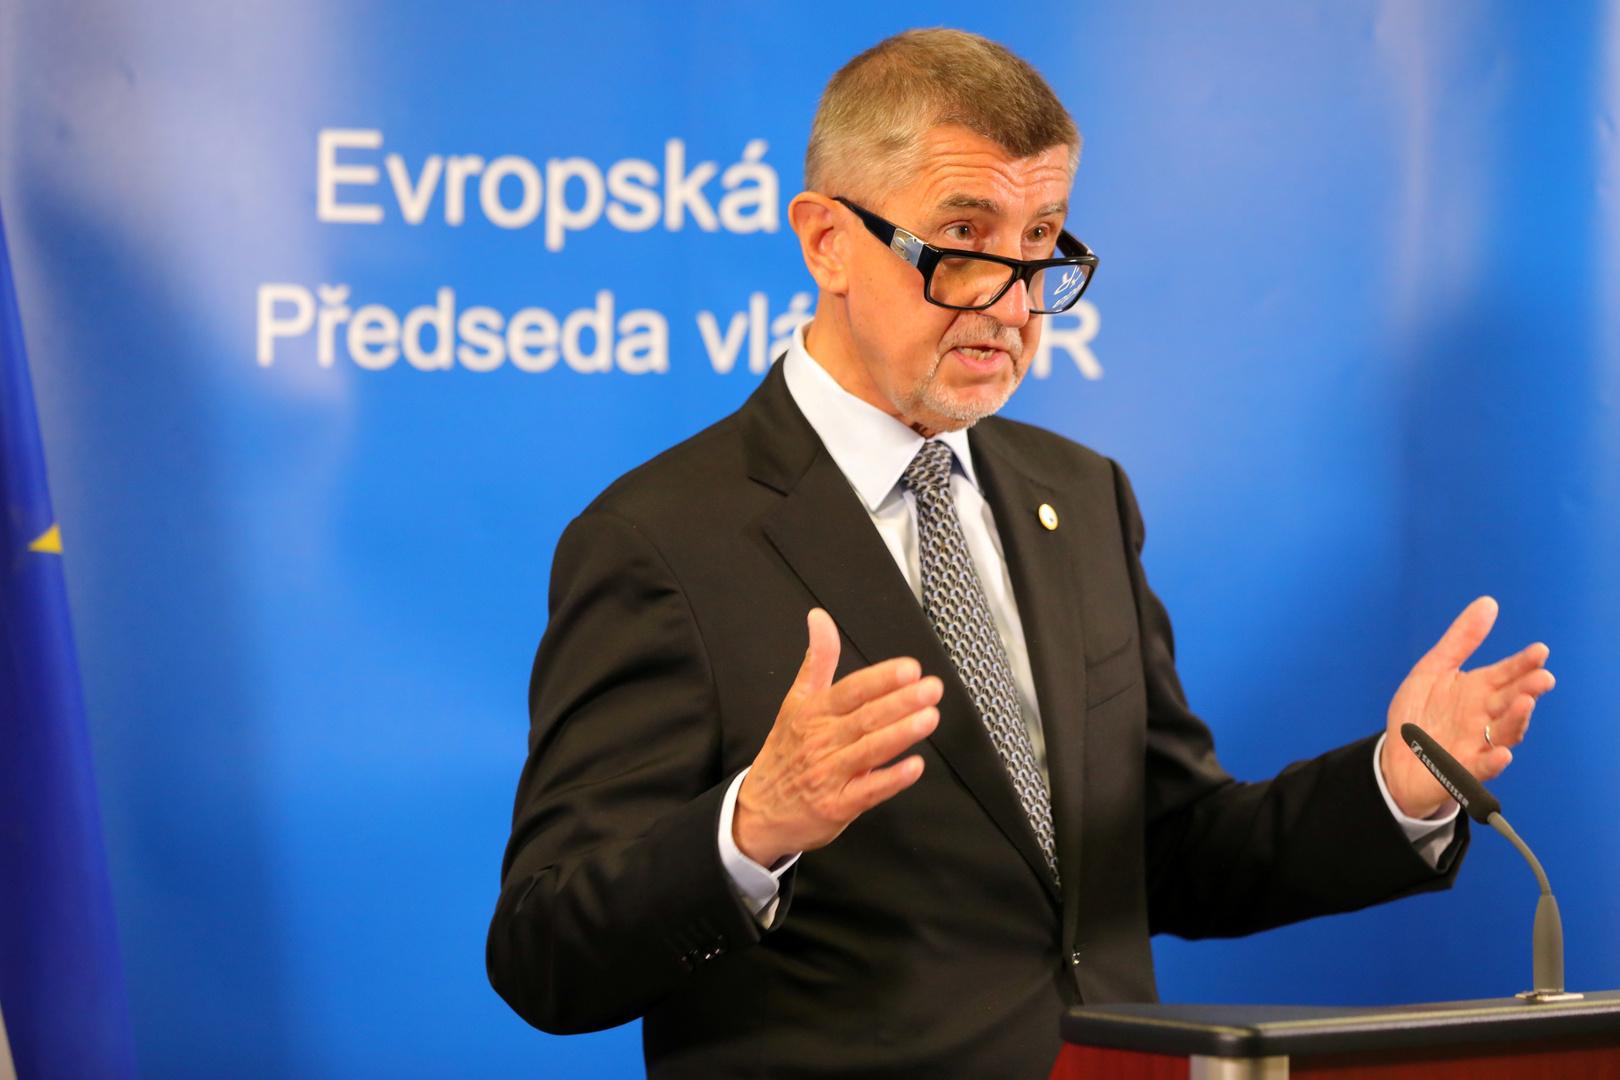 رئيس الوزراء التشيكي: علينا بناء علاقات جديدة مع روسيا